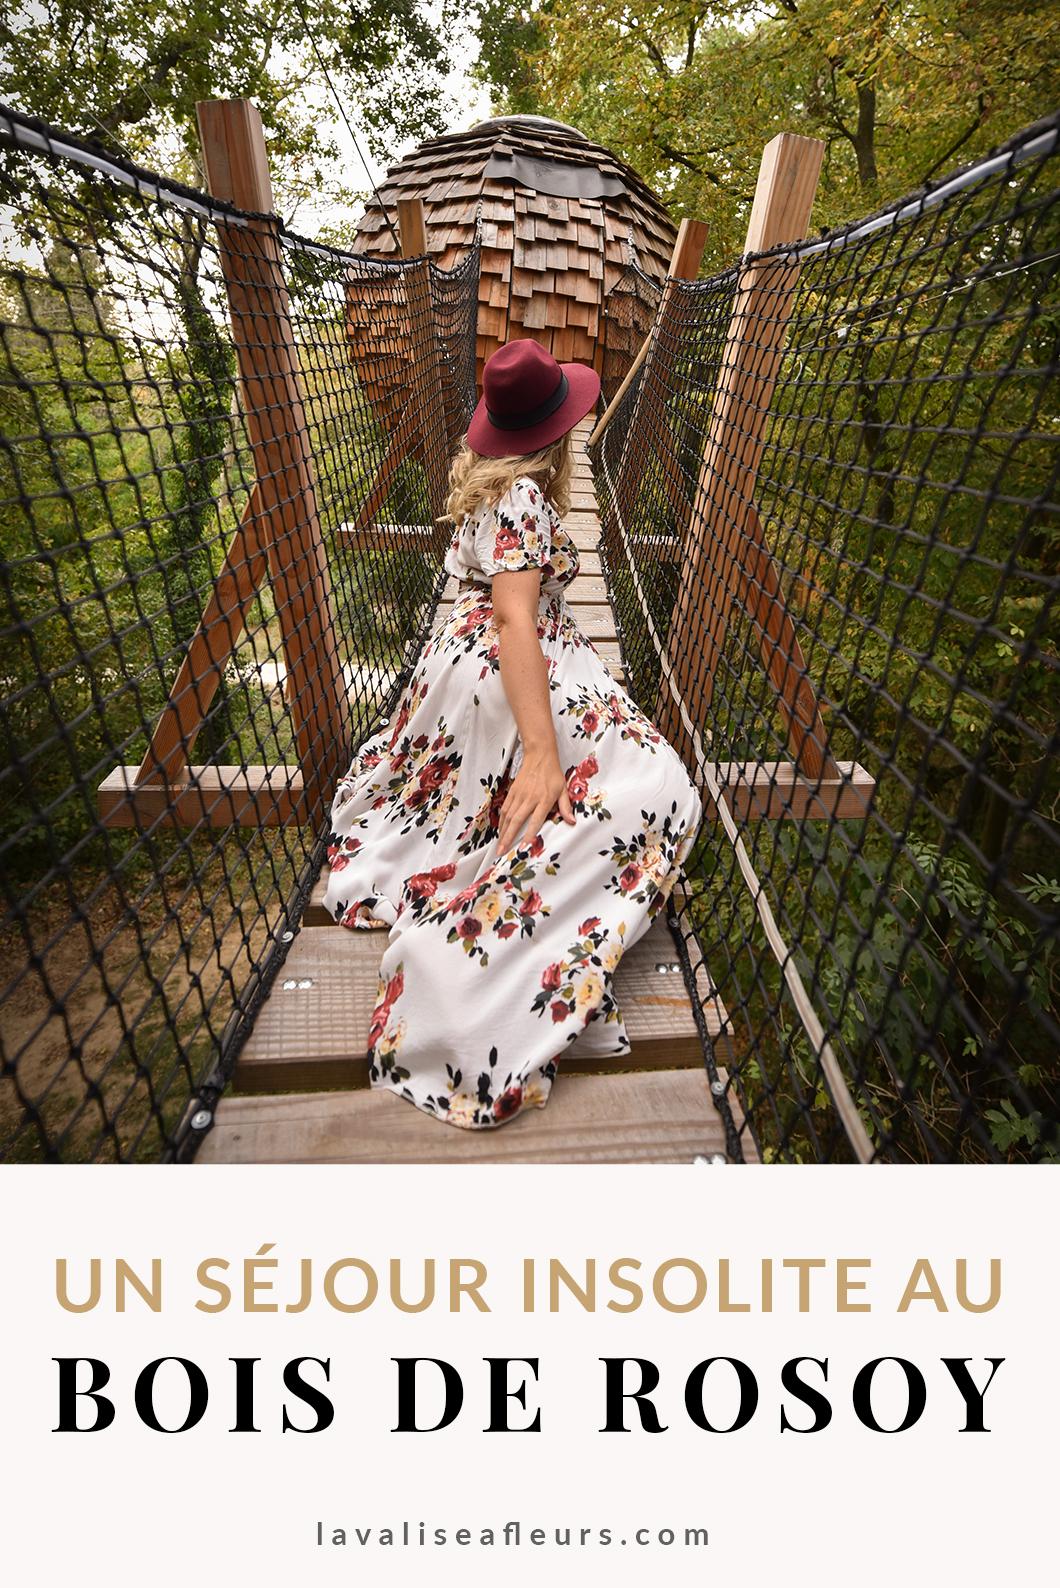 Un séjour insolite en France dans une cabane au Bois de Rosoy